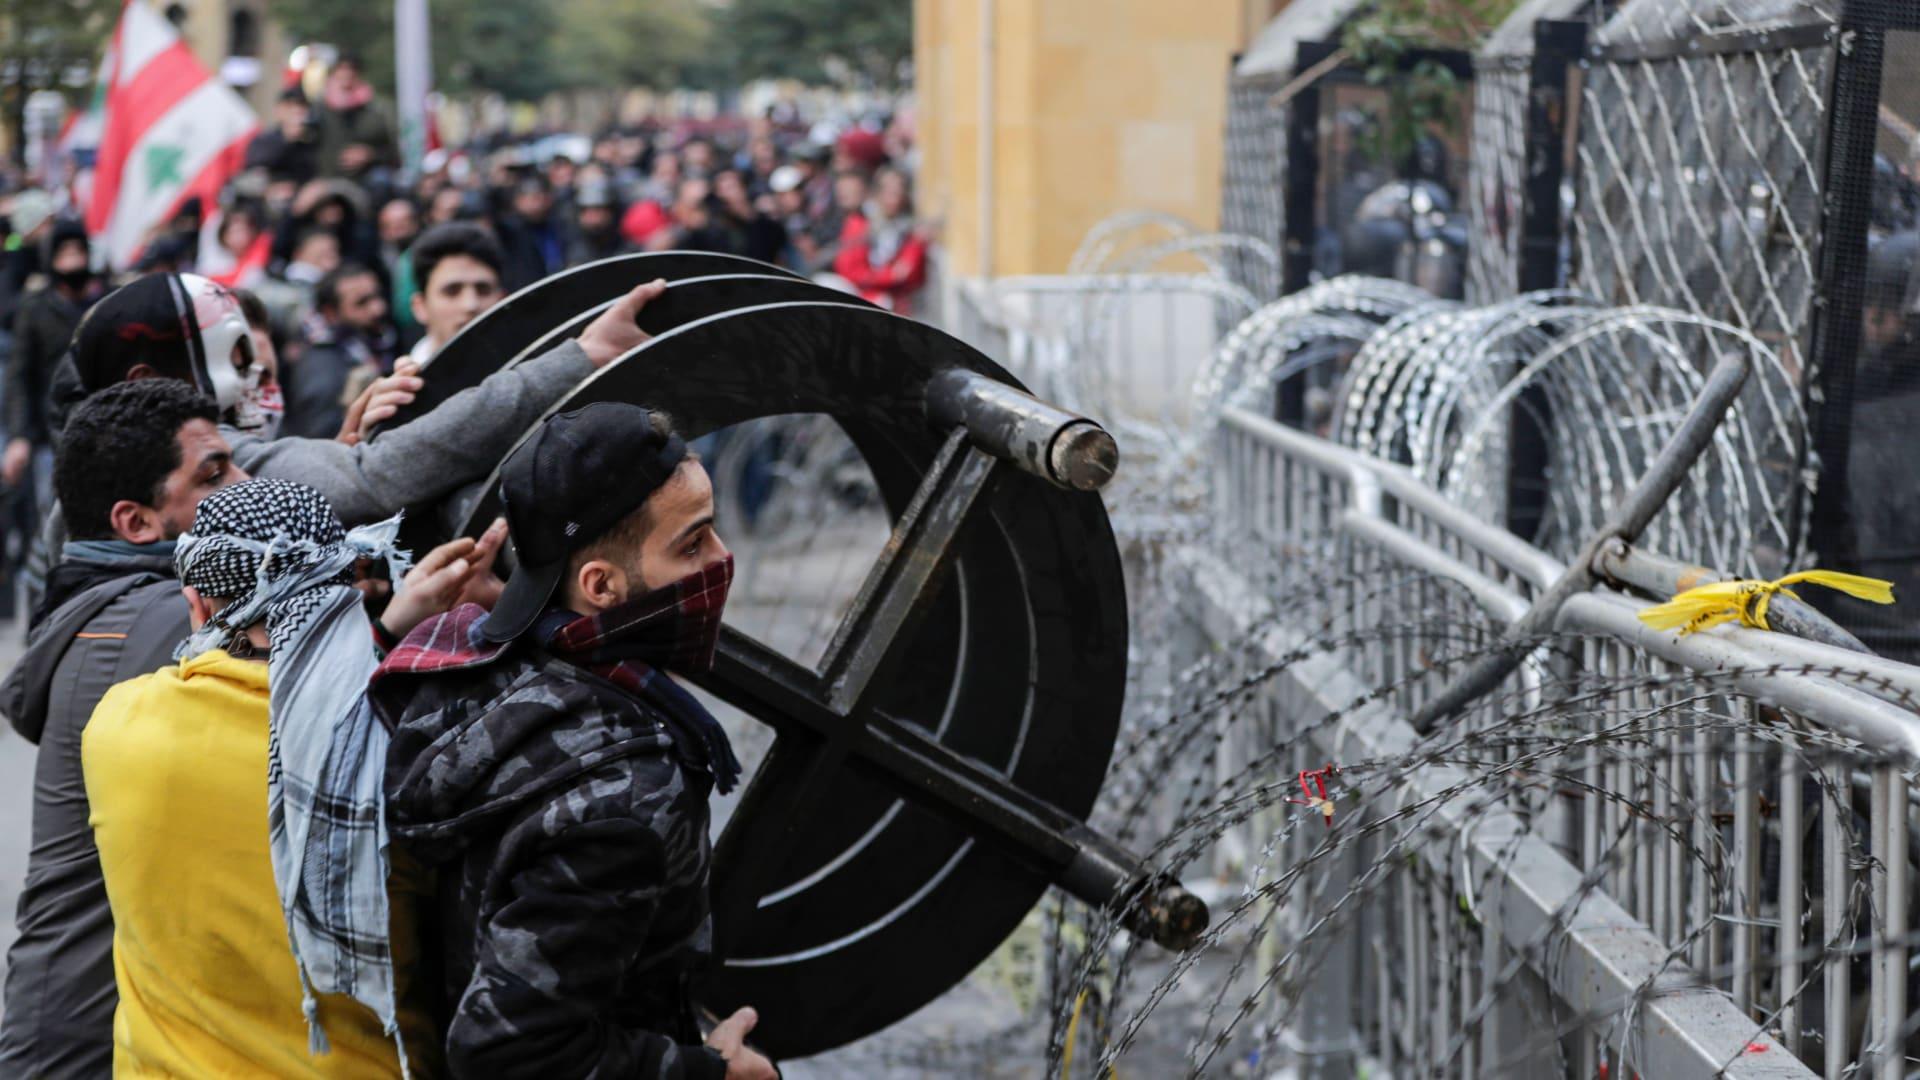 غاز مسيل للدموع ومياه لتفريق المحتجين قرب البرلمان في بيروت